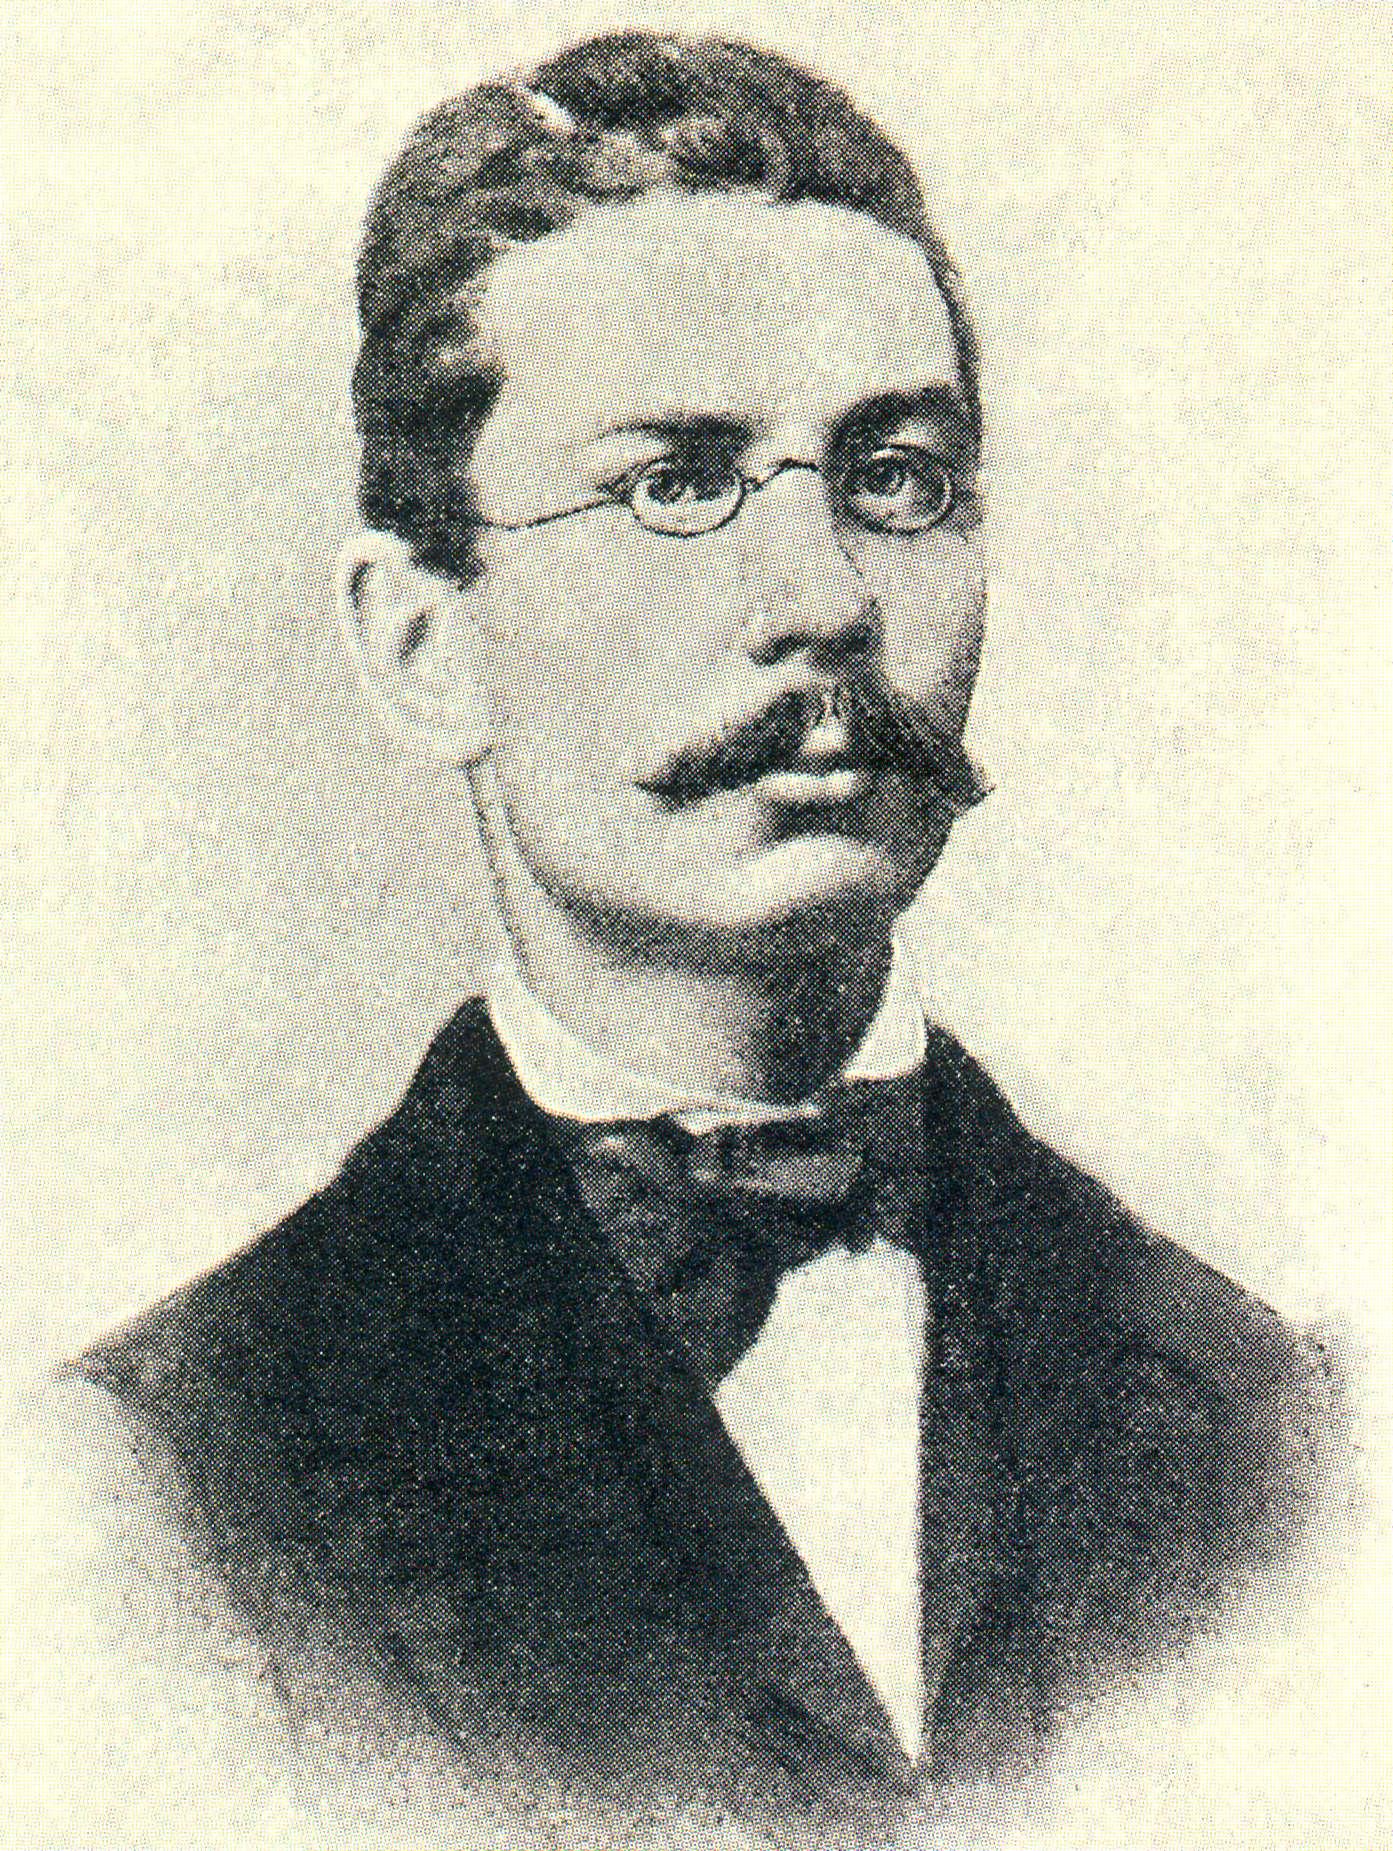 Romulad Traugutt